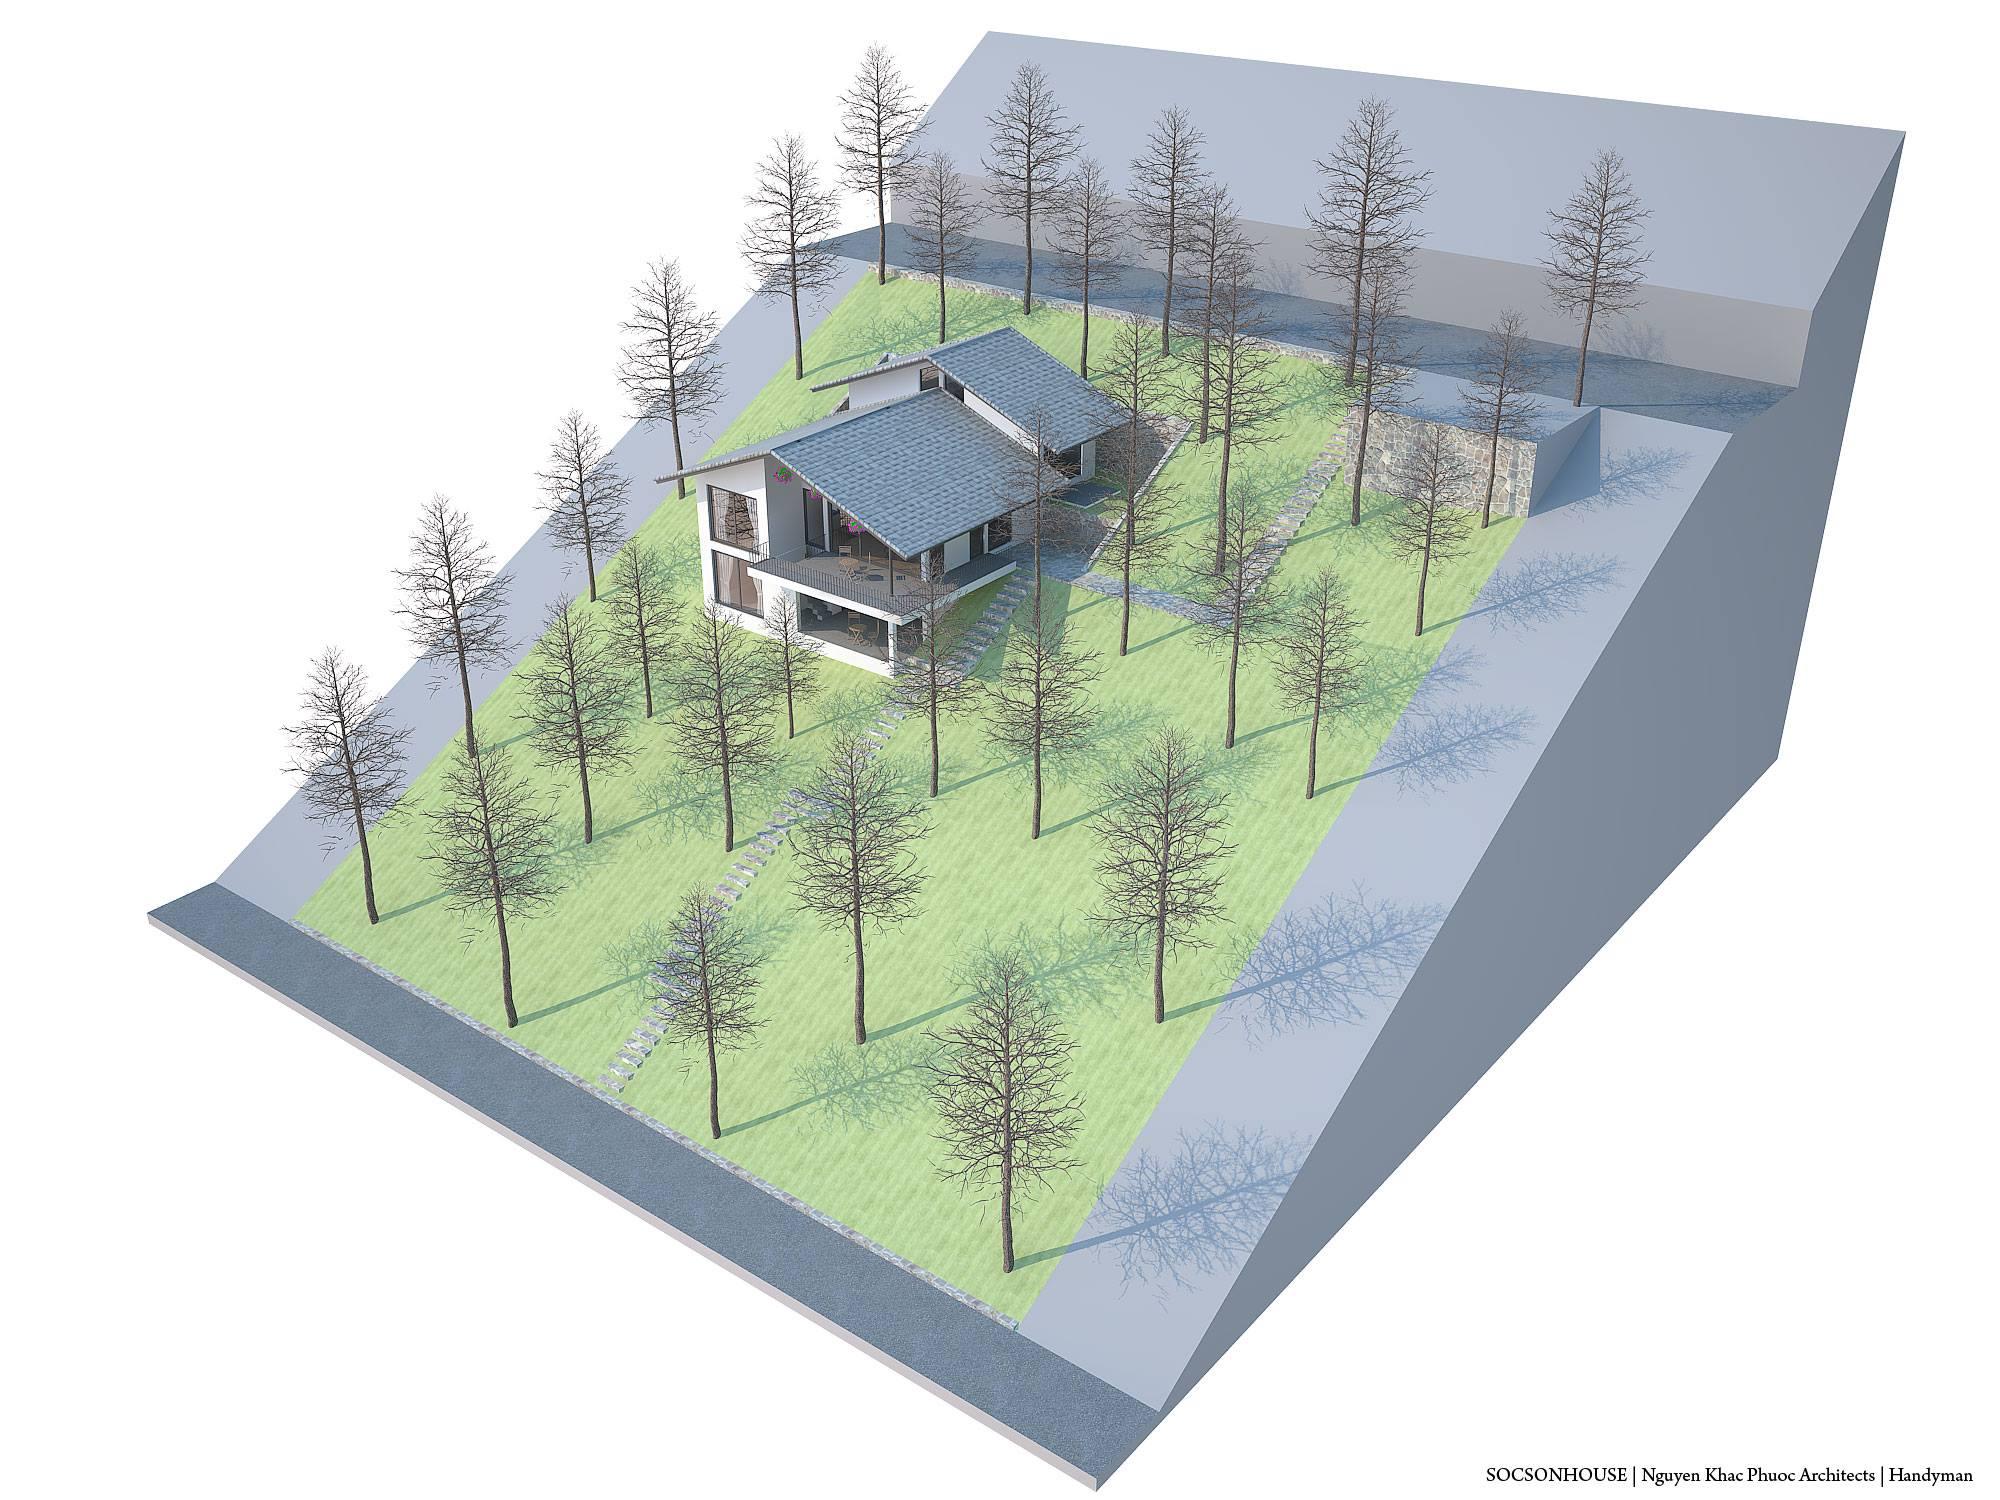 Thiết kế biệt thự đẹp mái chồng mái nằm lưng chừng núi ở Sóc Sơn - Nhà Đẹp Số (18)